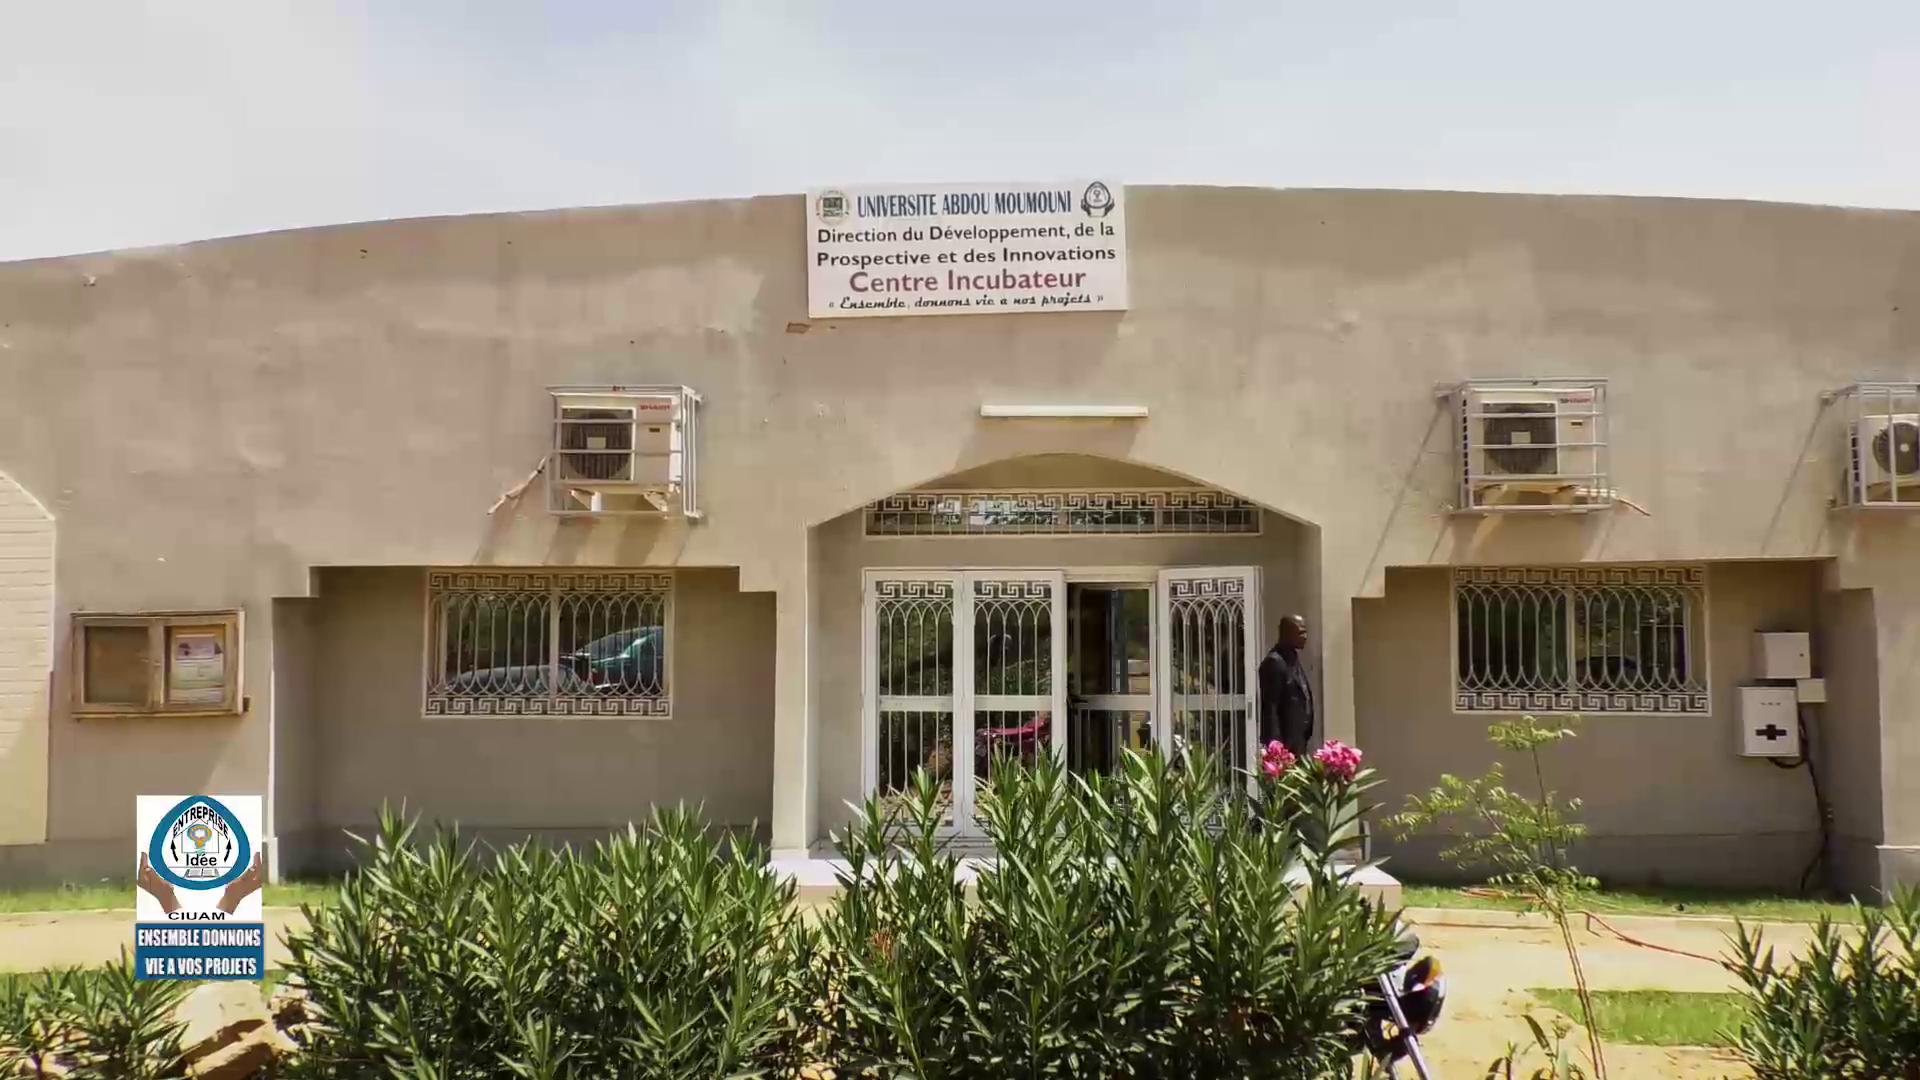 Niger : Premier  Centre Incubateur au sein d'une Université Publique